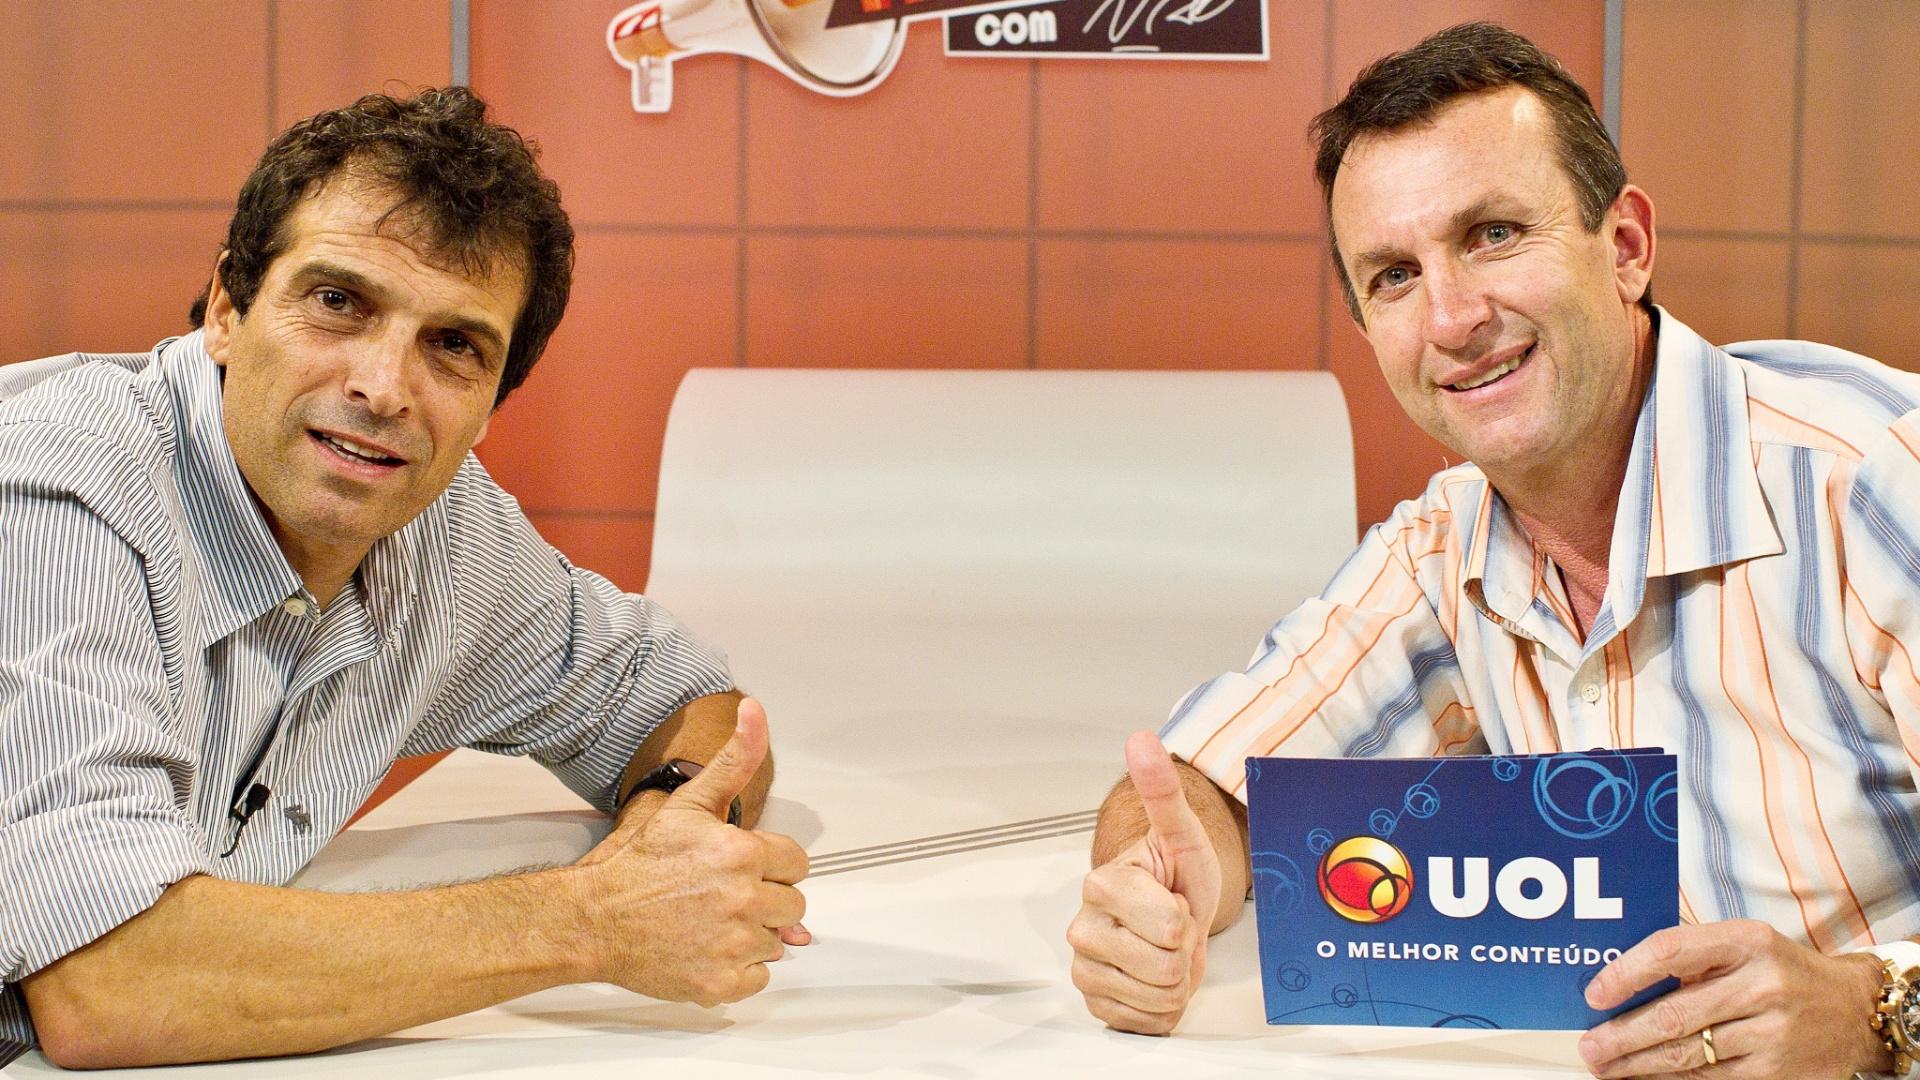 Milton Cruz (e.) e Neto antes da gravação do Papo Reto programa apresentado por Neto no UOL